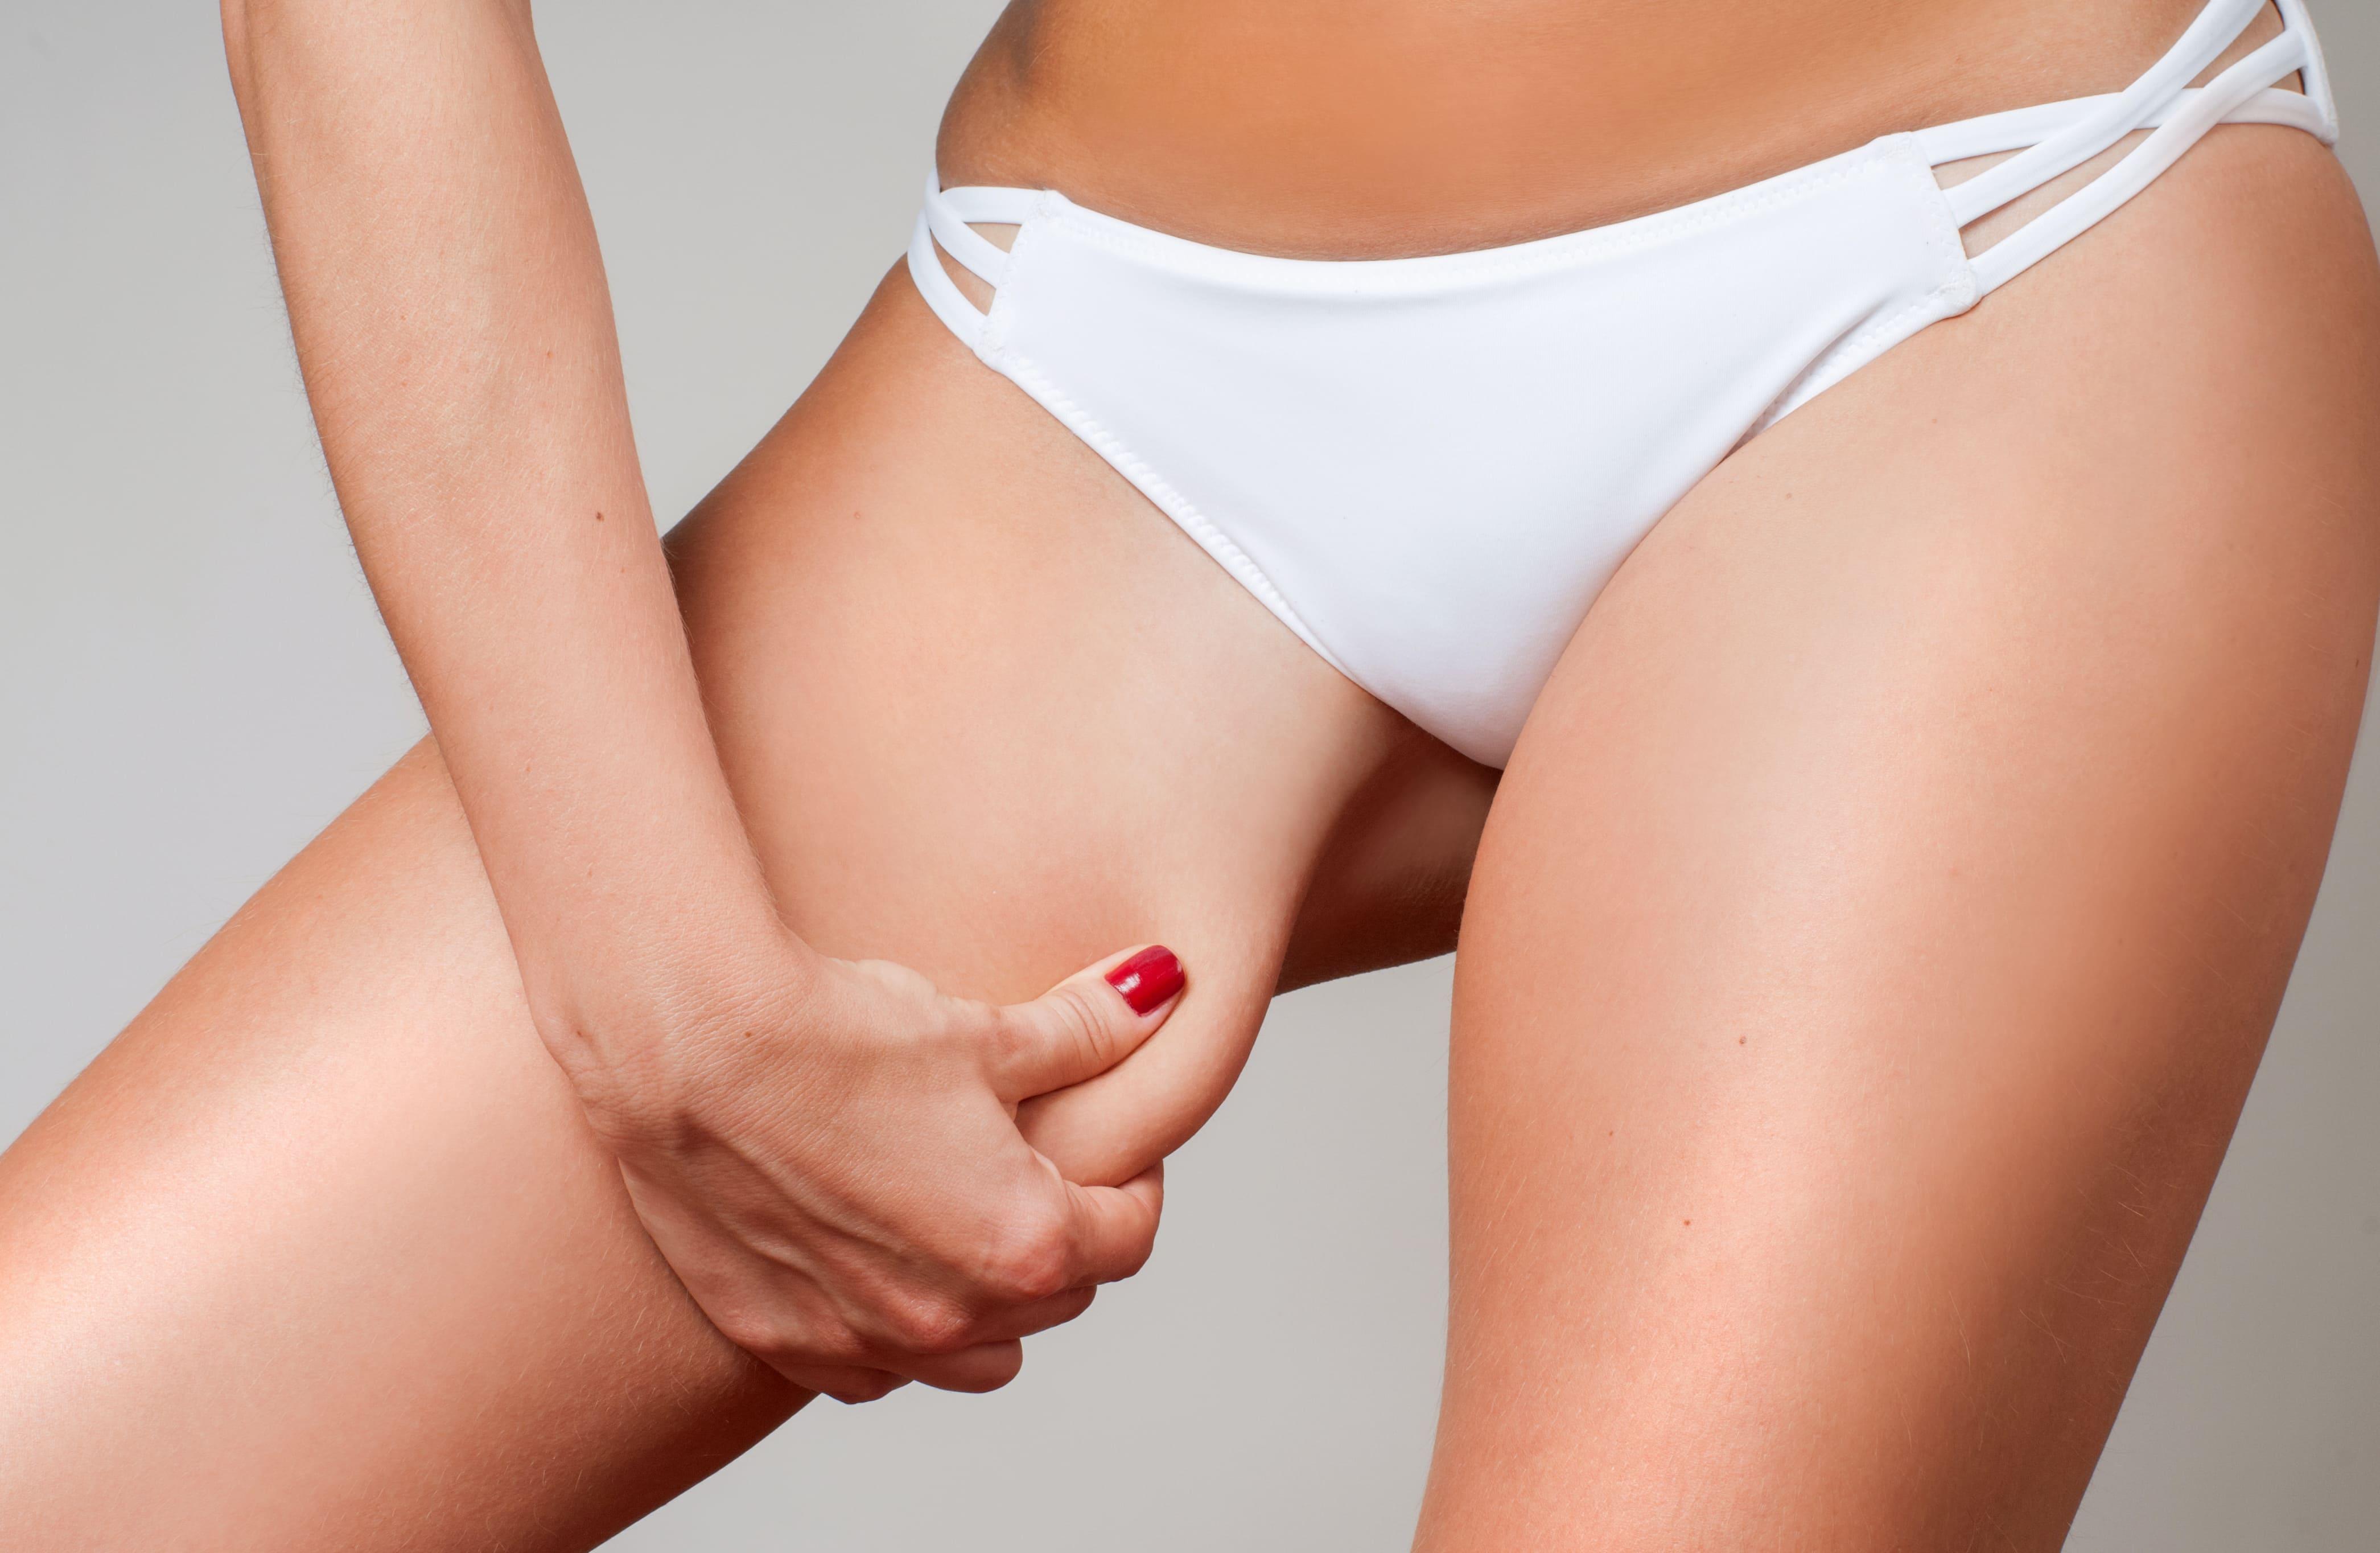 ¿Qué es el lifting de muslos o cruroplastia?